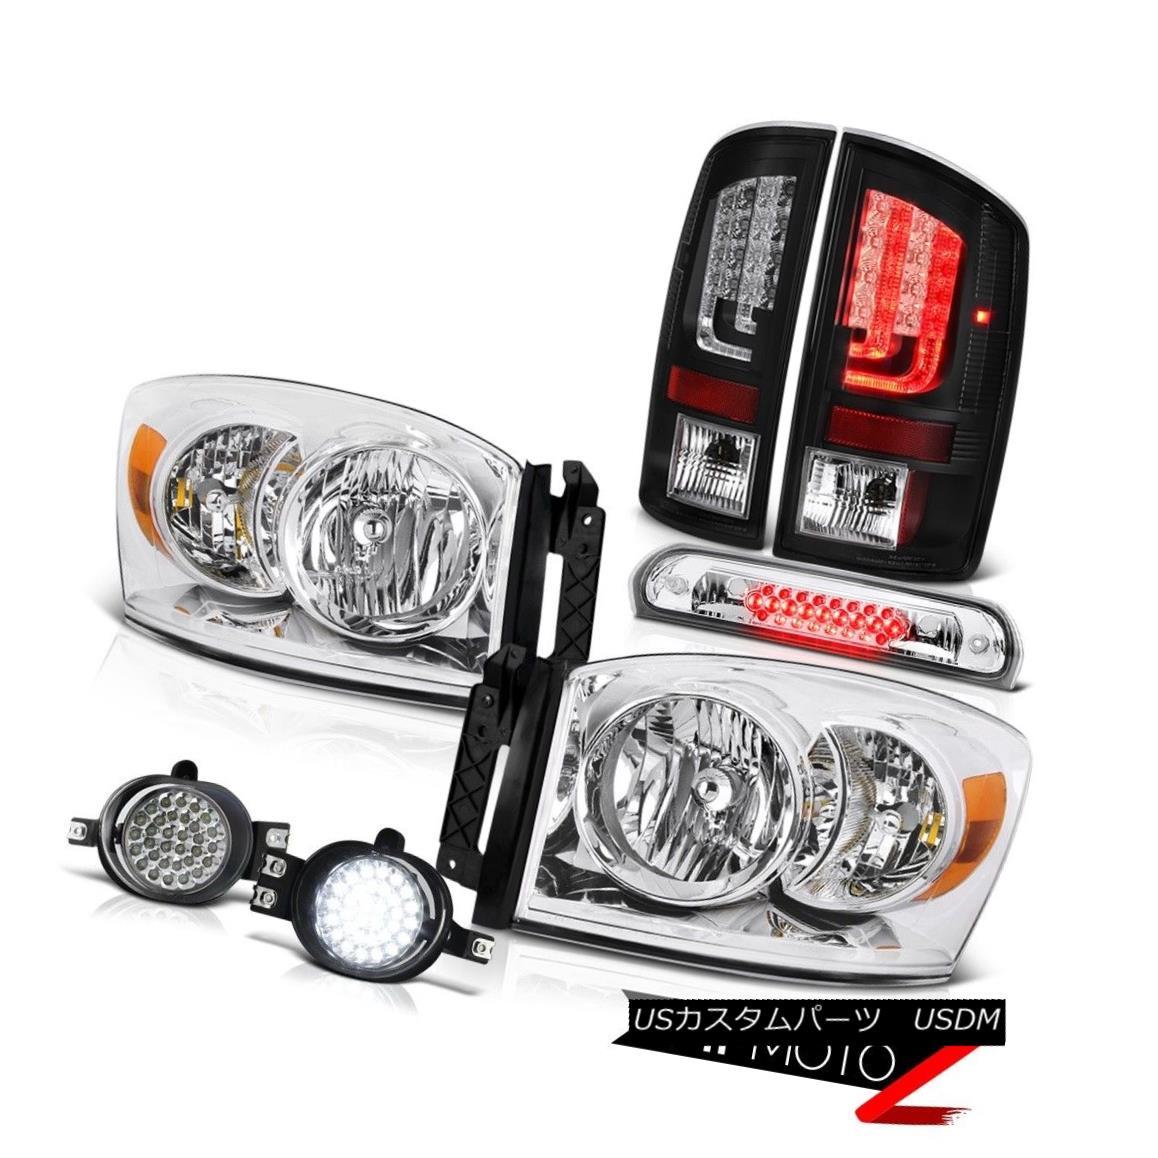 テールライト 2007-2008 Dodge Ram 1500 ST Third Brake Light Foglamps Rear Lights Headlamps Drl 2007-2008ダッジラム1500 ST第3ブレーキライトフォグランプリアライトヘッドランプDrl